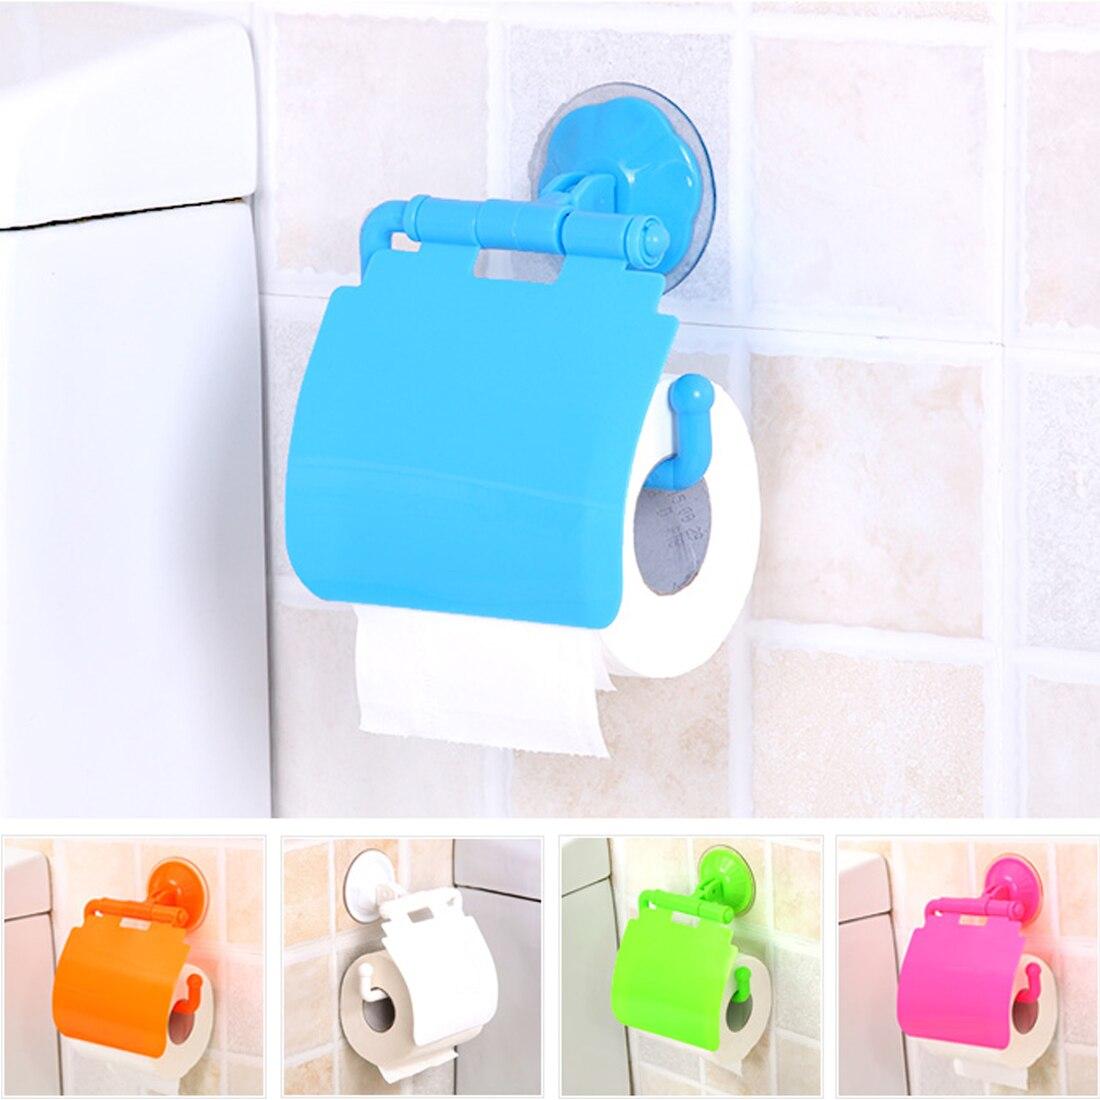 Hause Dekoration Kunststoff Wc Bad Küche Wand Montiert Rolle Papier Halter Wasserdicht